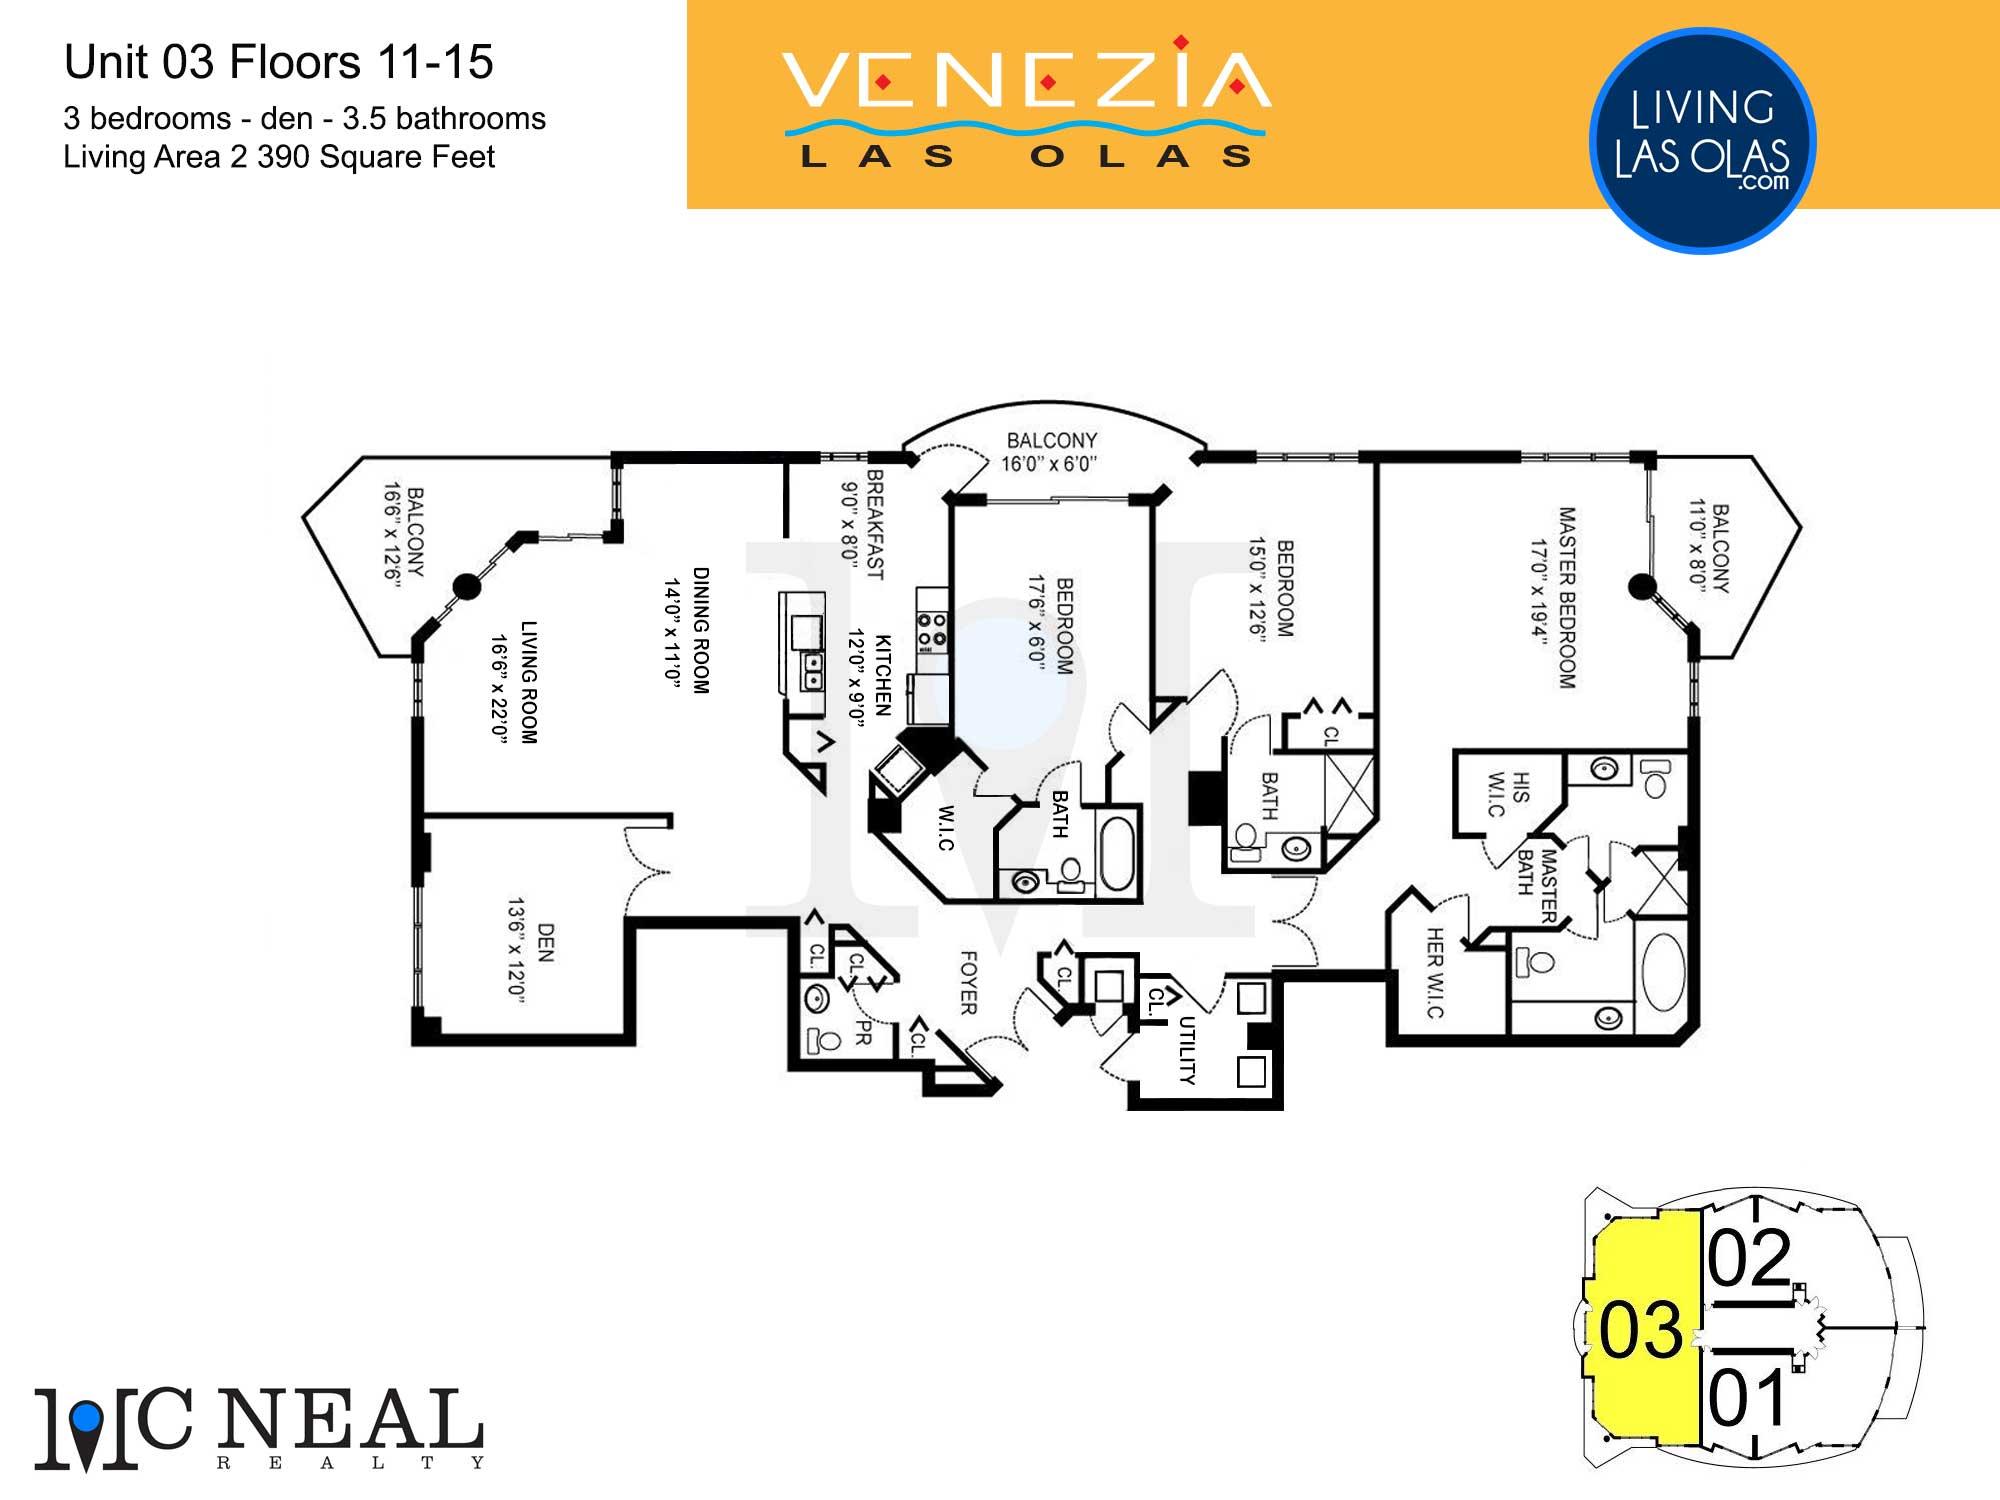 Venezia Las Olas Floor Plans 11-15 Unit 3